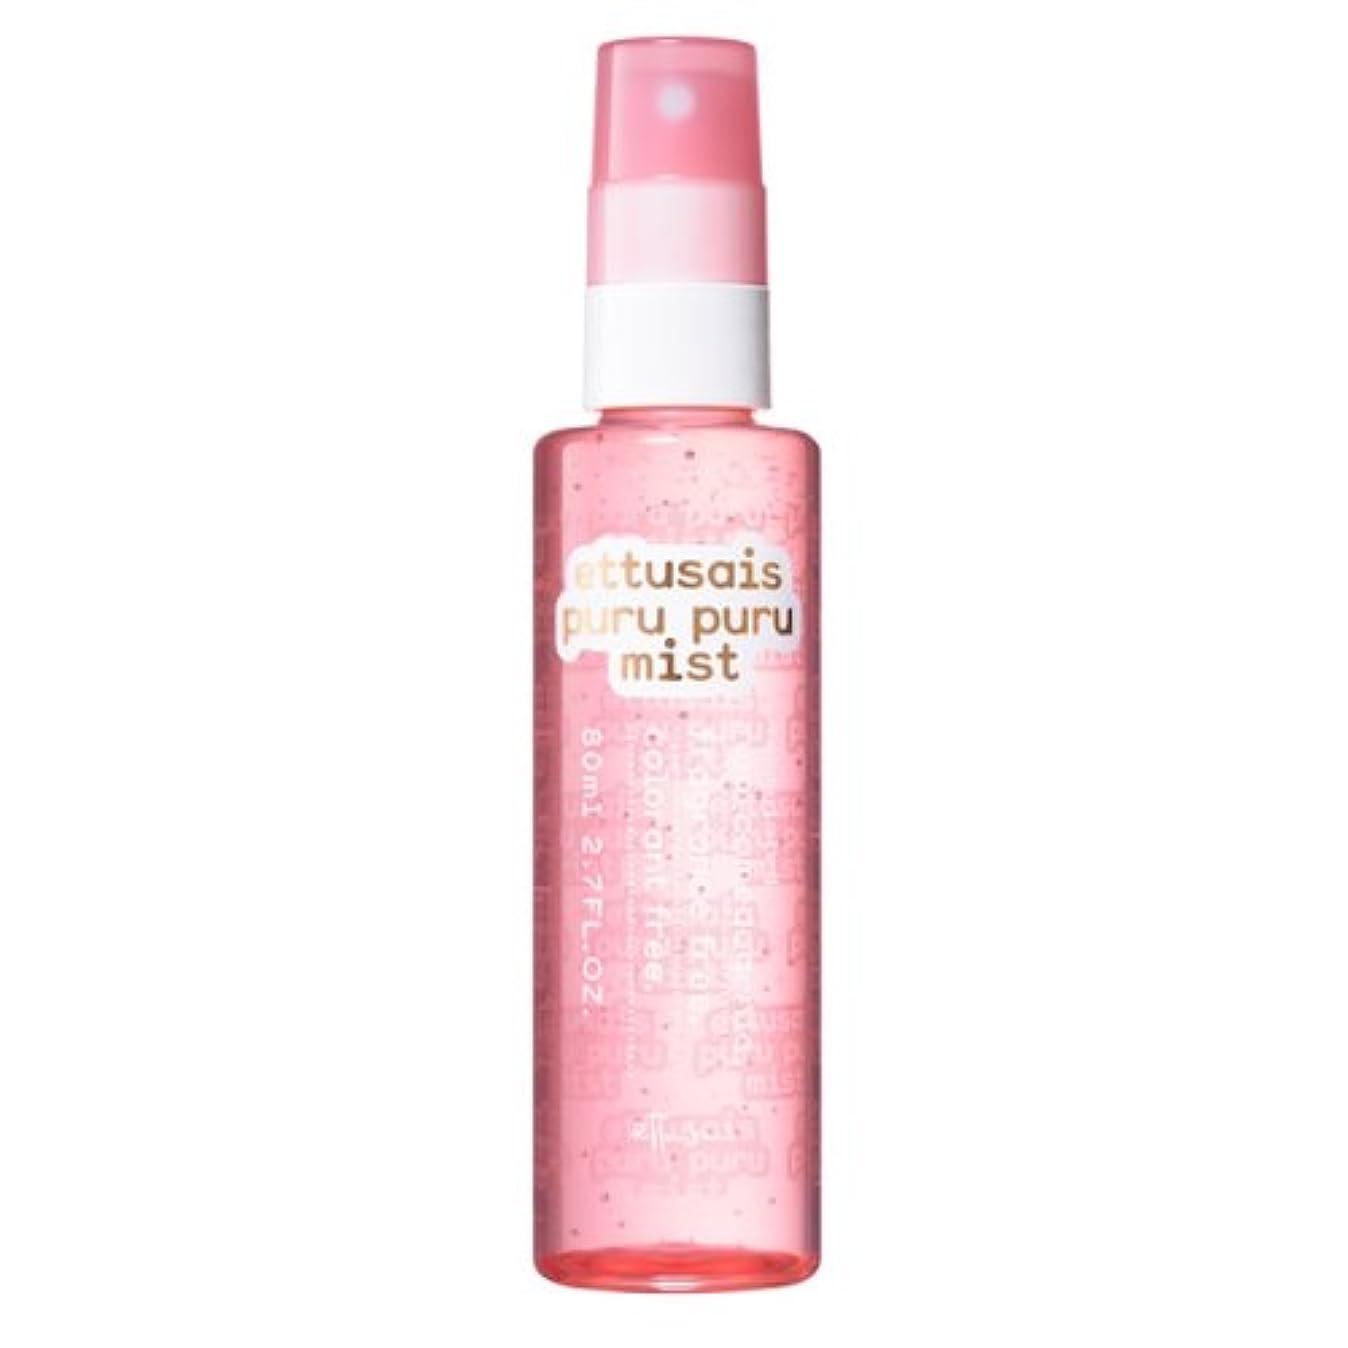 行為文字通り消費者エテュセ ぷるぷるジェリーミスト ジェリー状美容液 やわらかに香るローズの香り 80ml